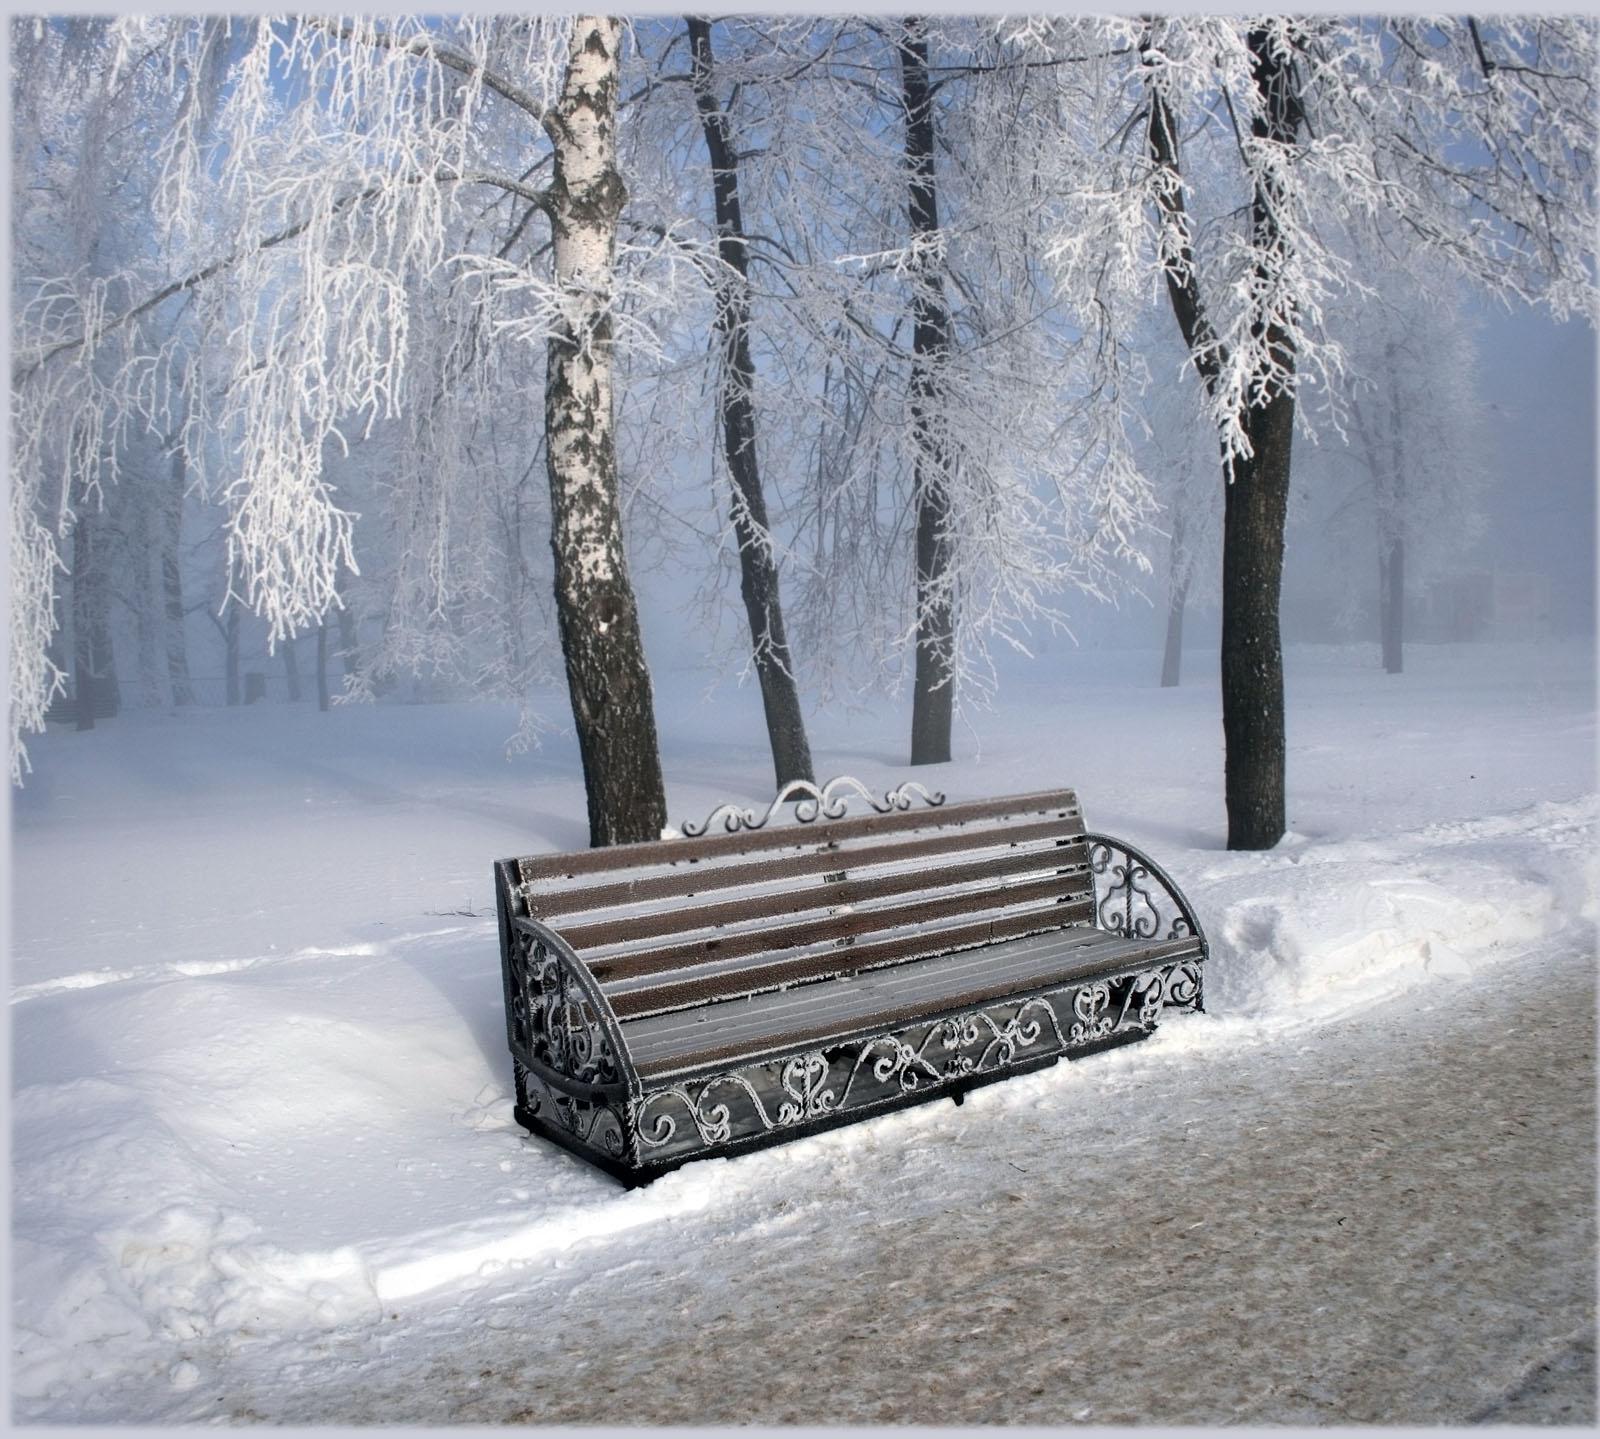 аллея, зима, мороз, романтика, свидание, скамейка, снежность, туман, холод